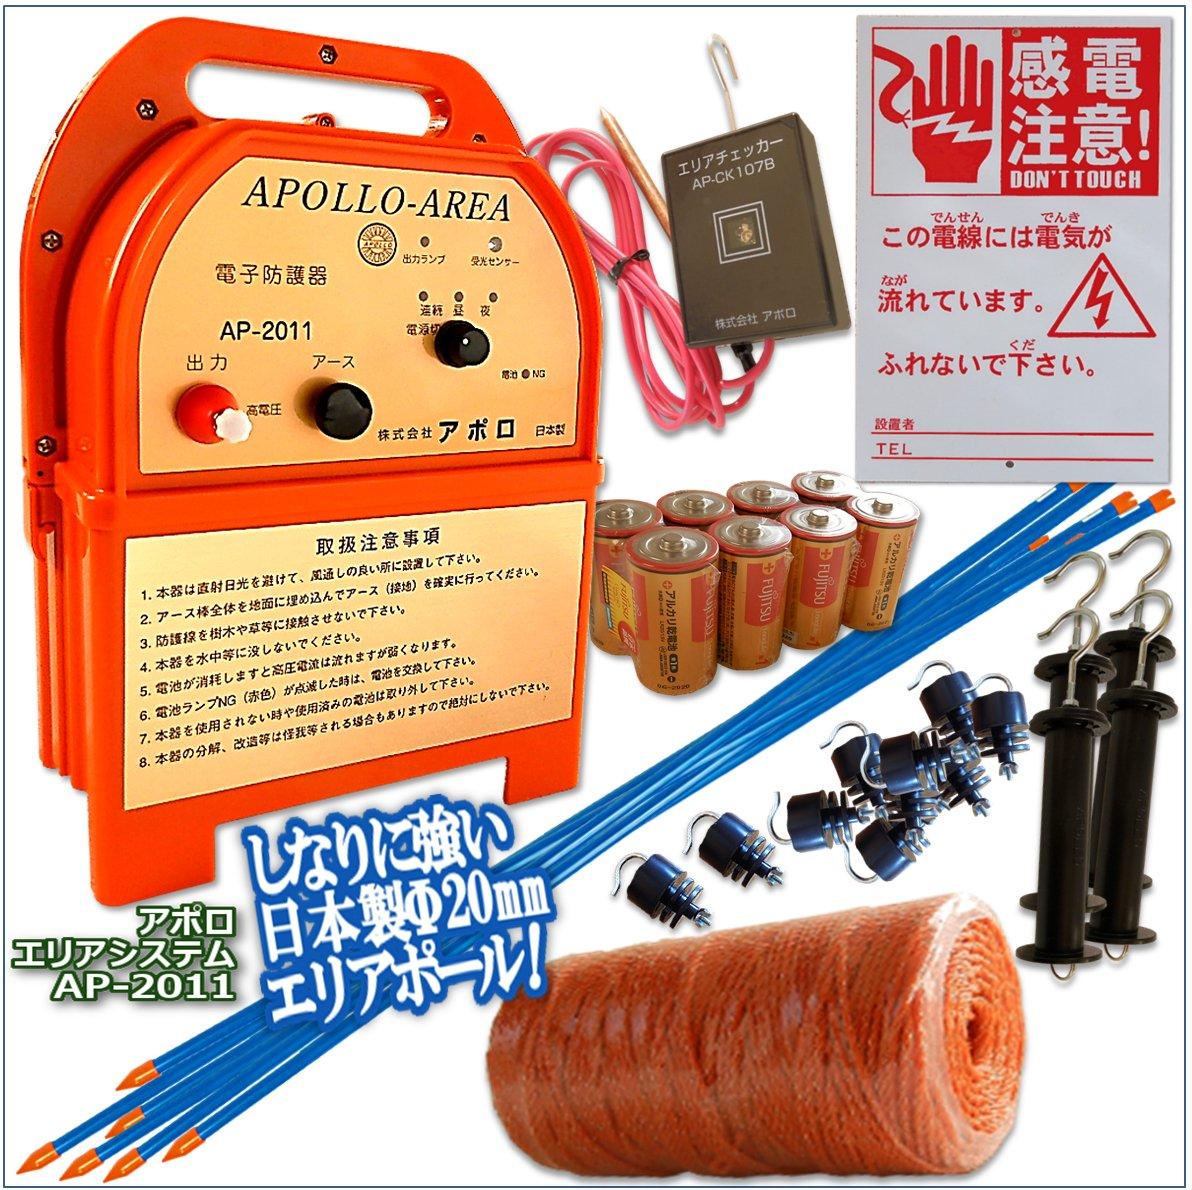 電気柵 100m4段張りセット日本製電子防護器 アポロ AP-2011(185cmエリアポール)AP-2011-4d10AP B06Y5KNFH1